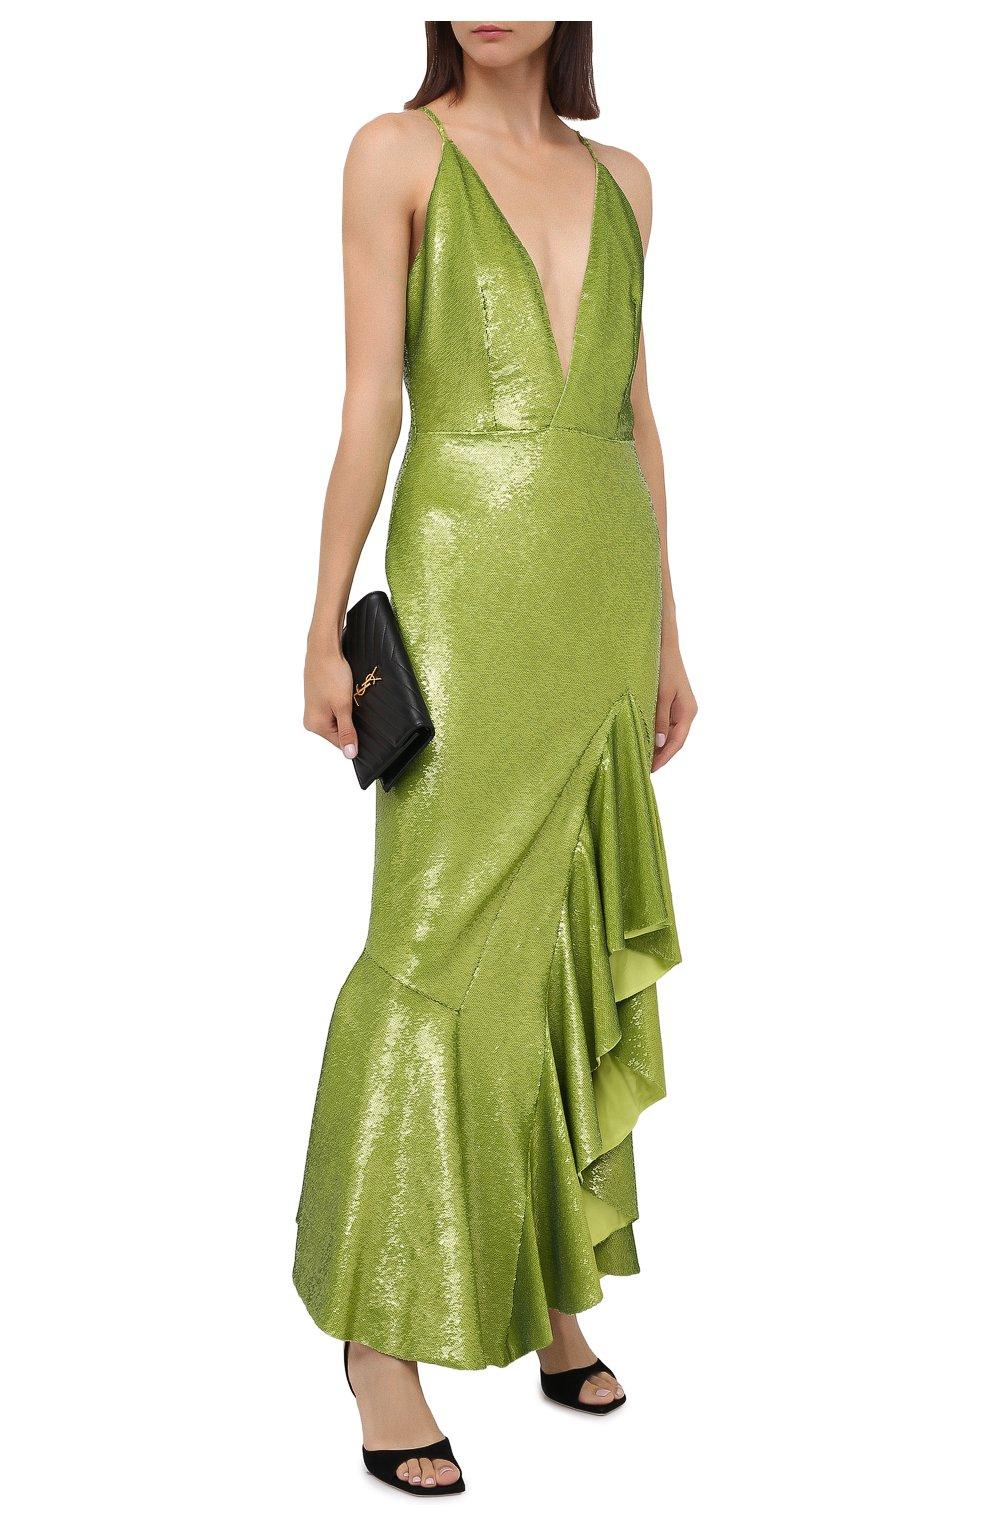 платье с пайетками зеленое купить